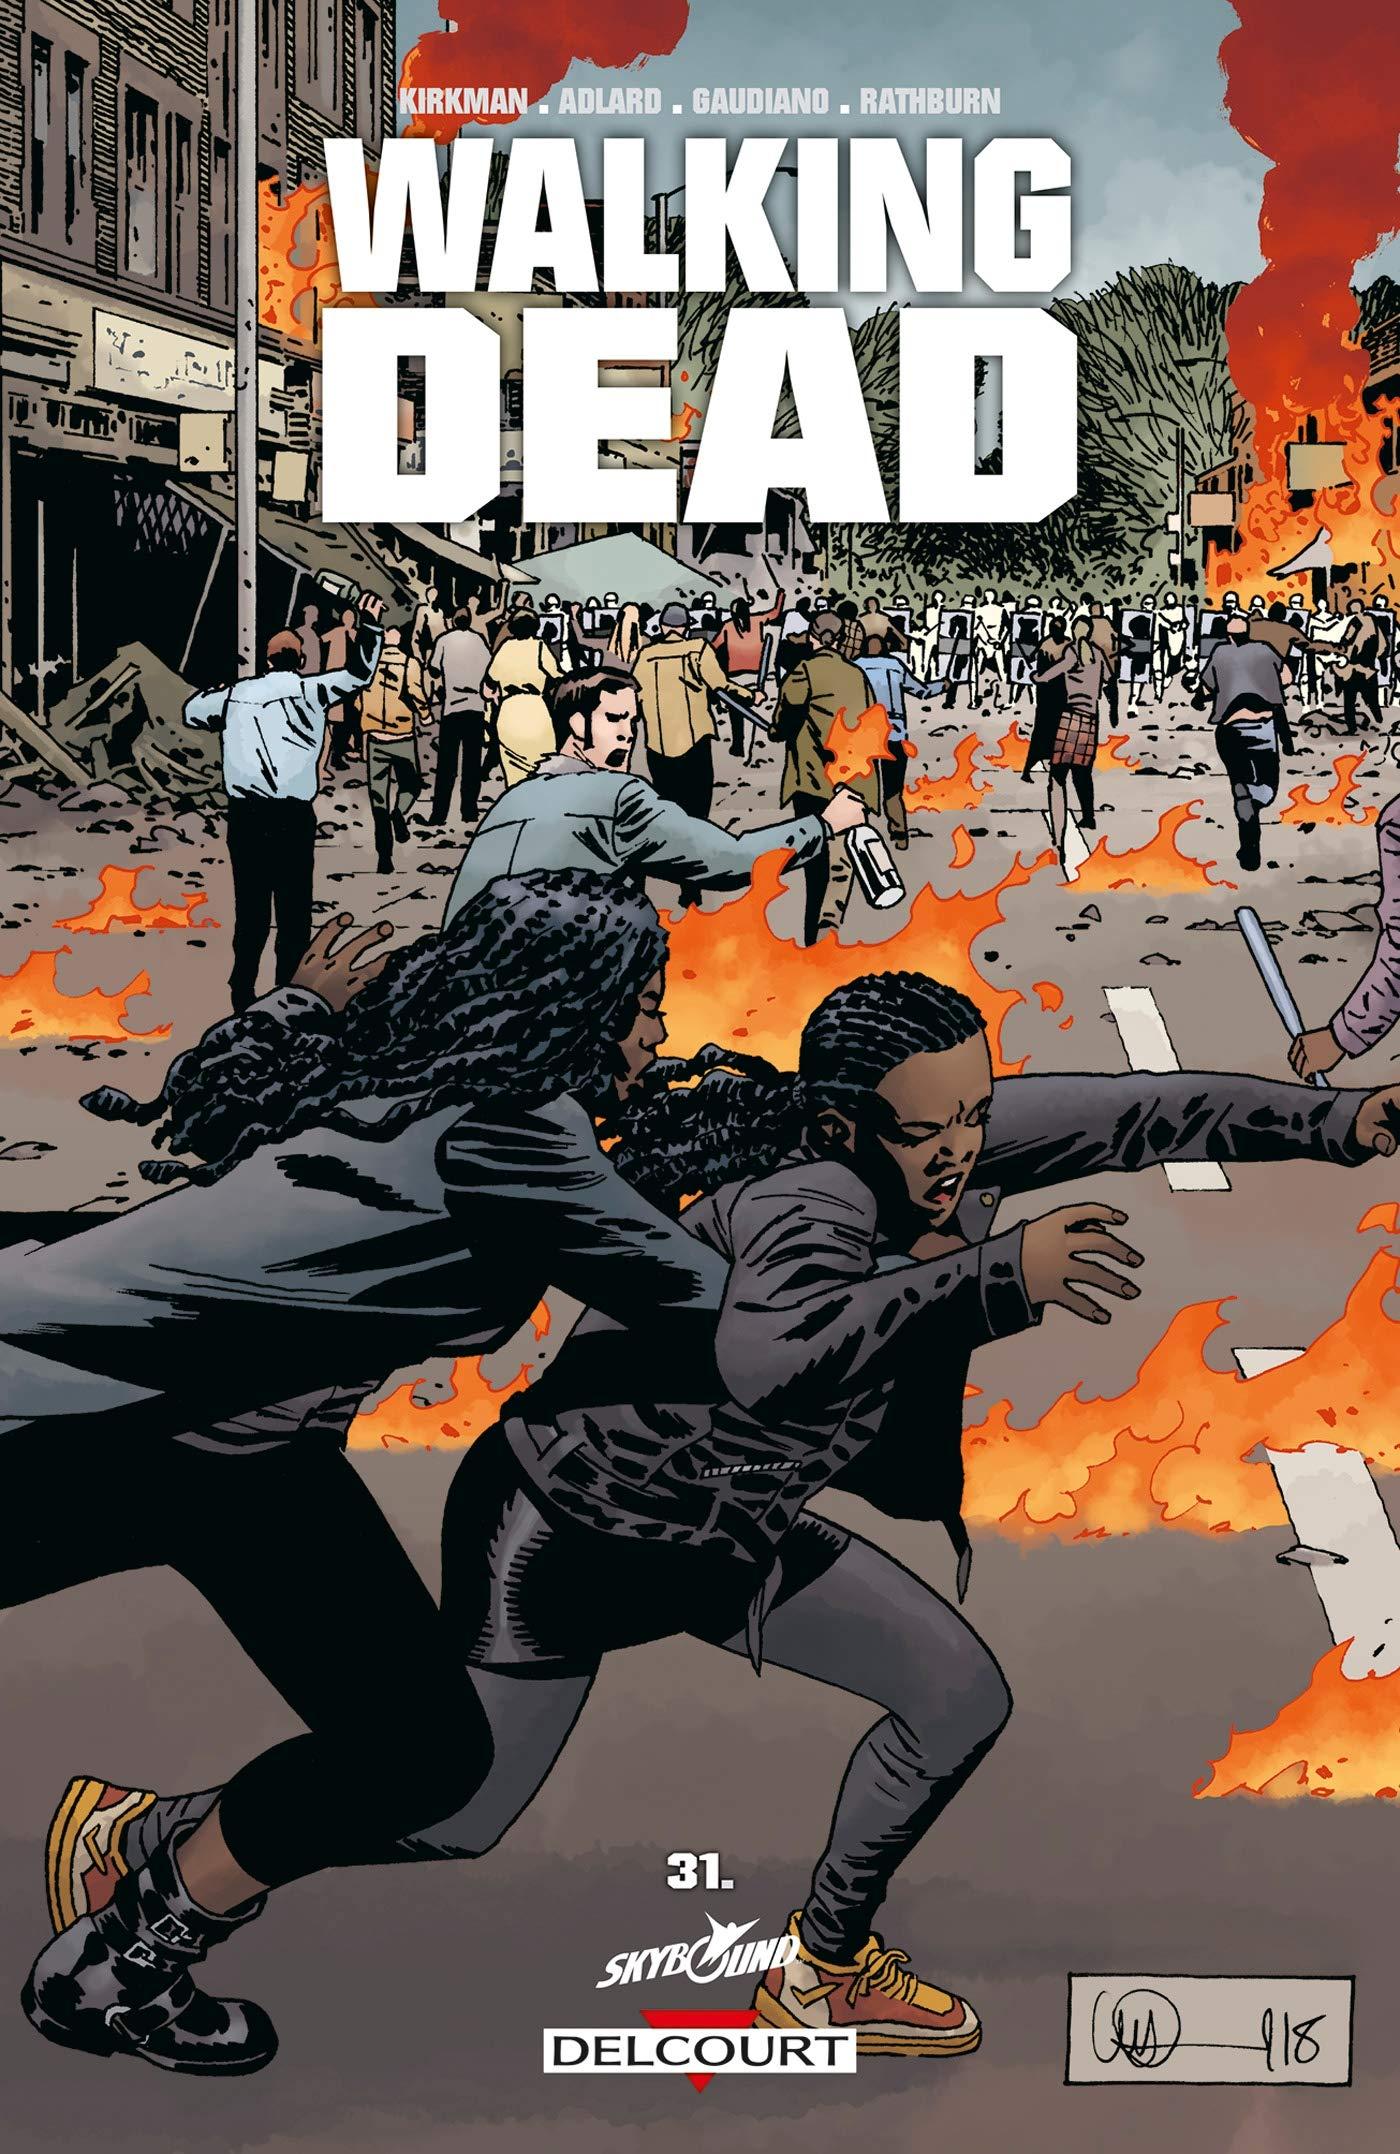 Walking dead, une traduction de comics signée Edmond Tourriol